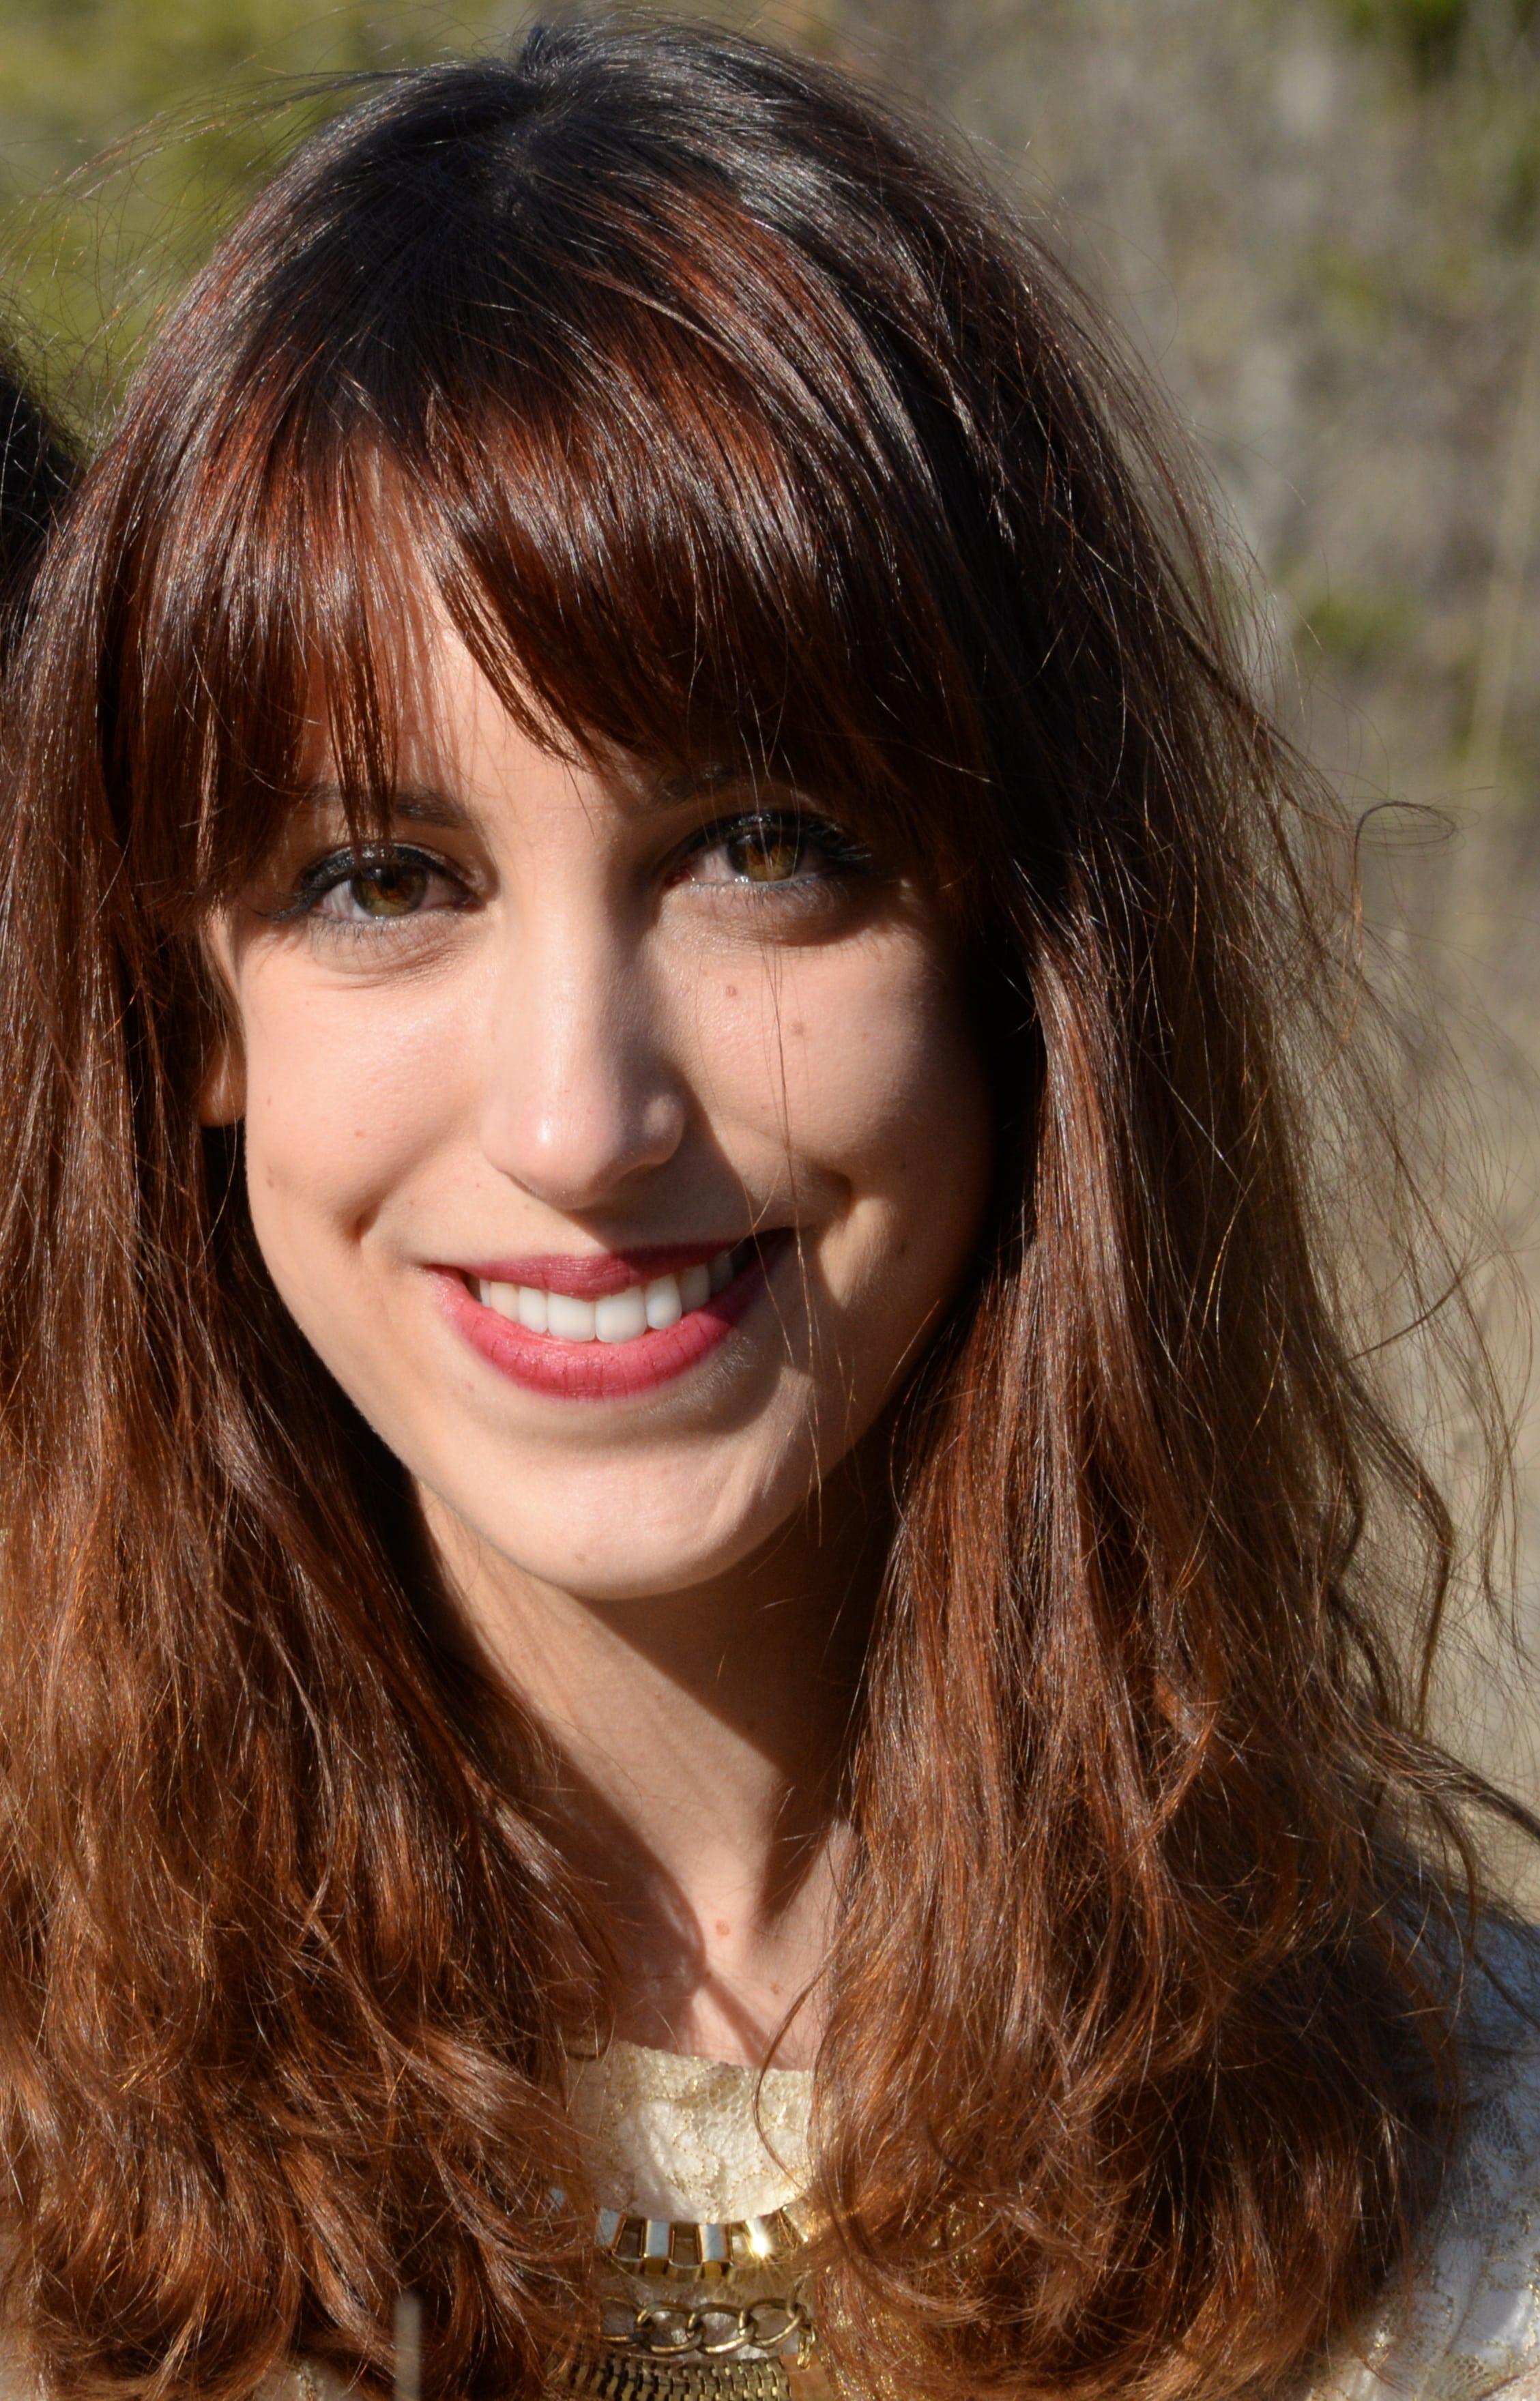 Laura Duclerc